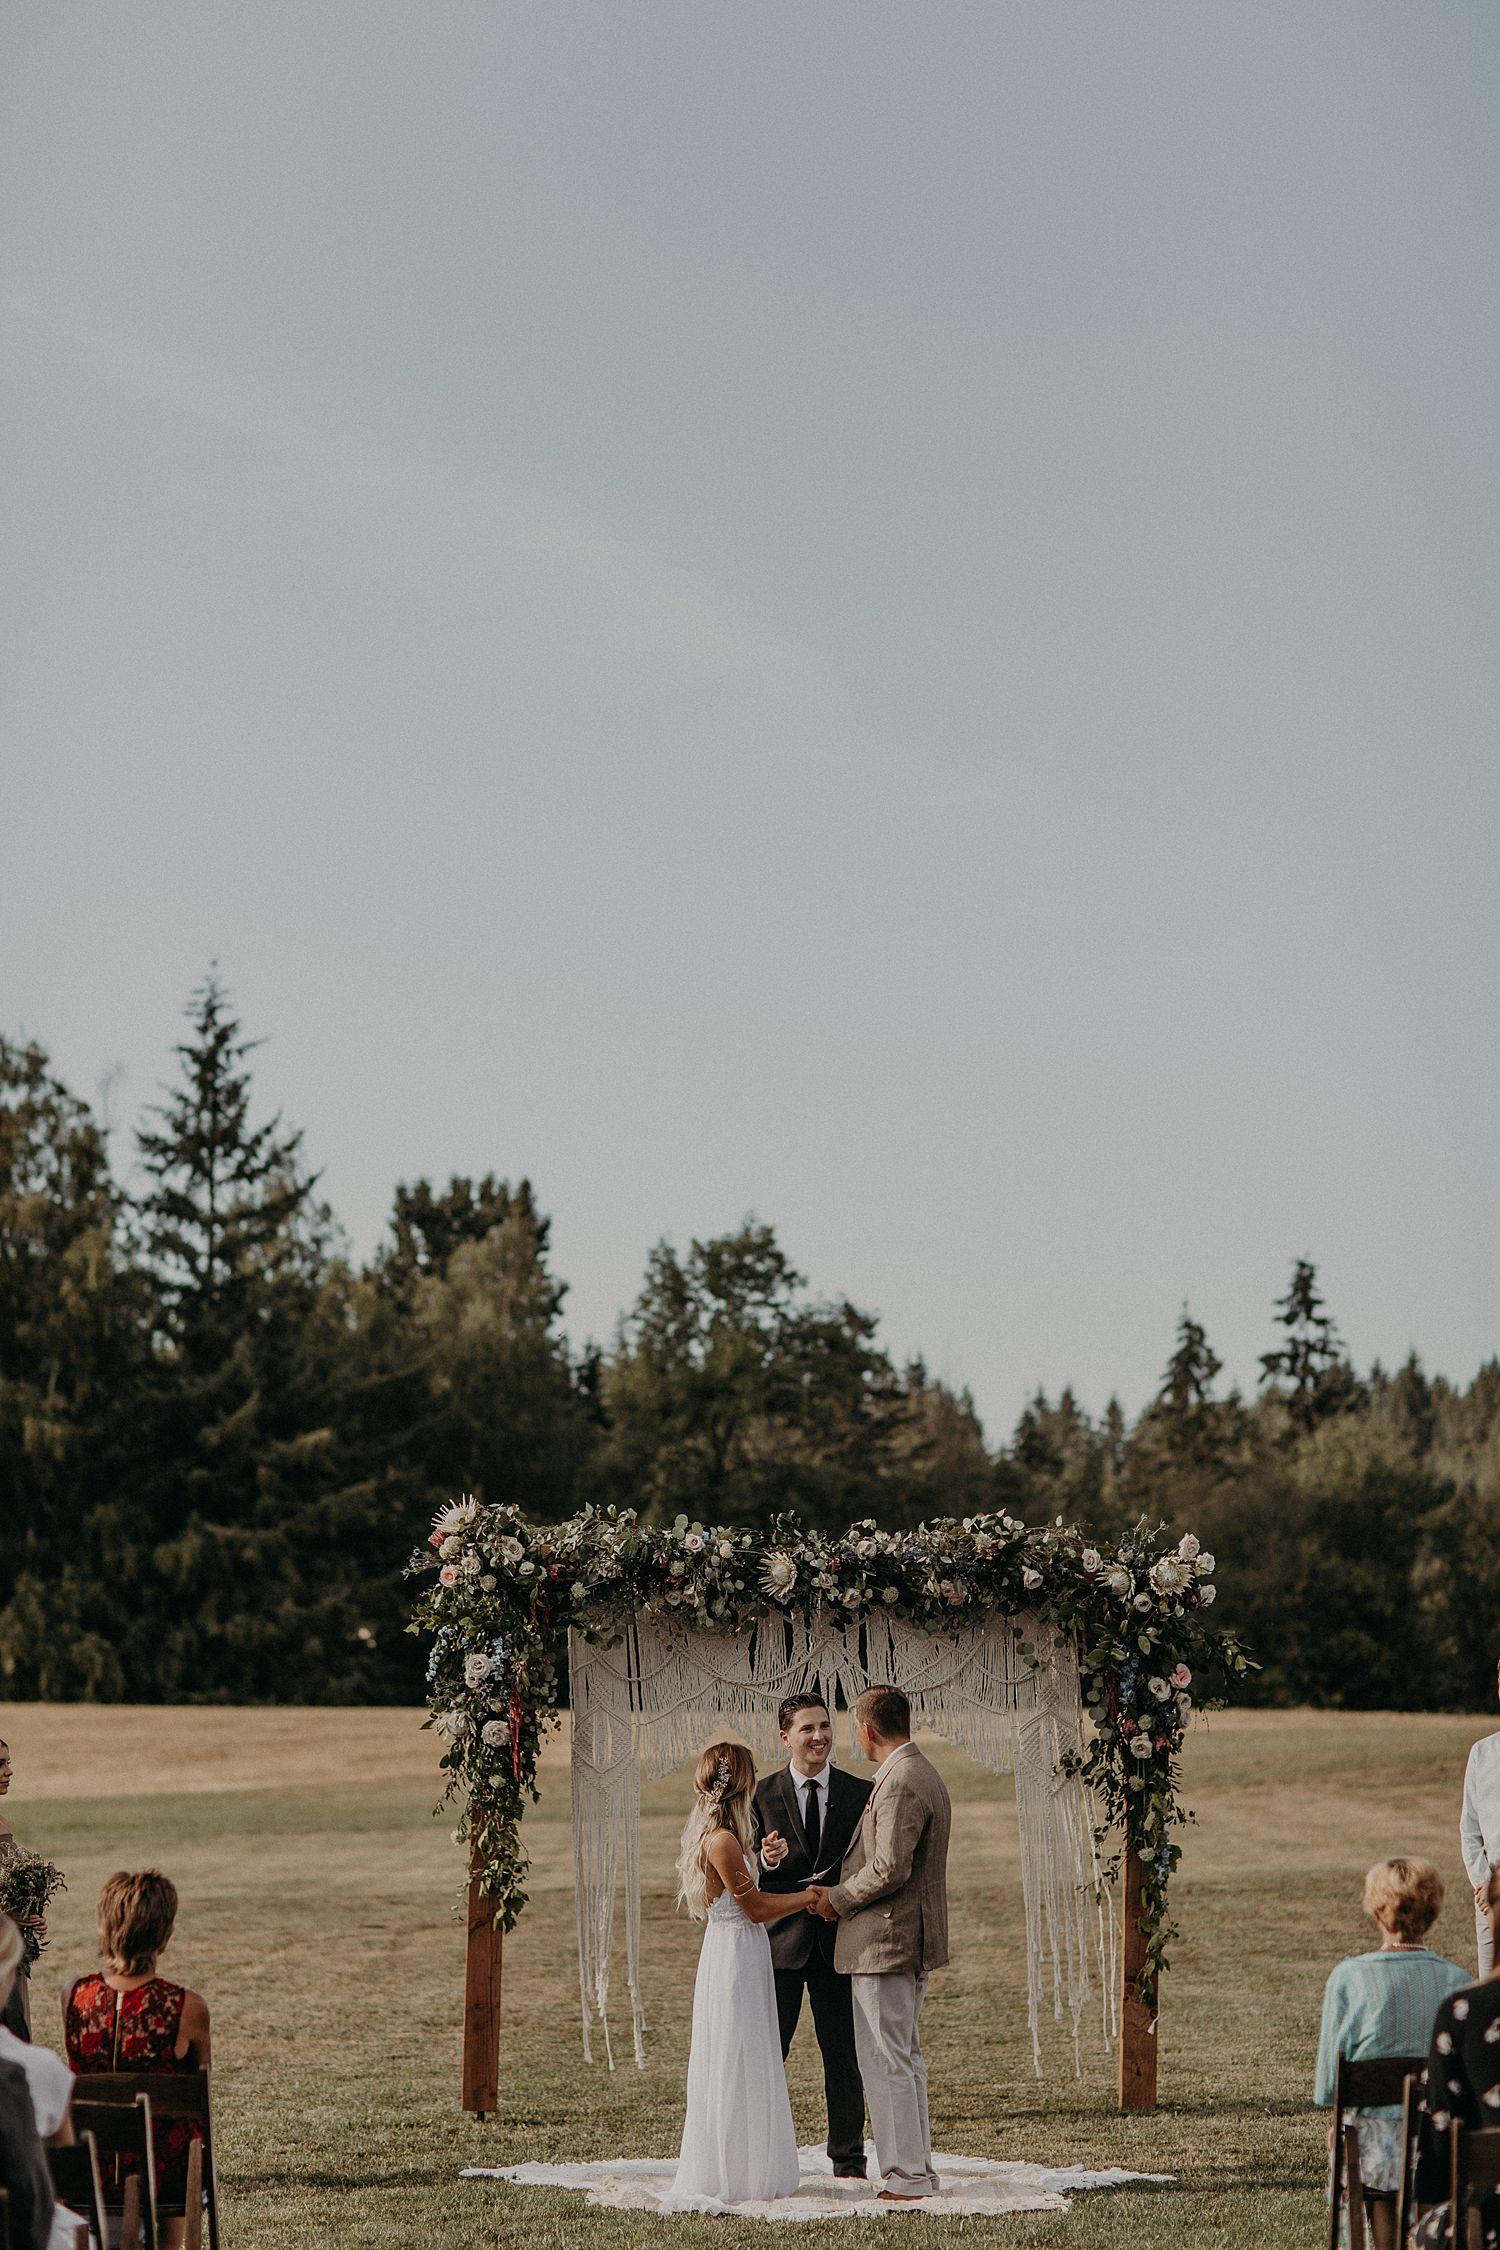 Genna-Dante-Washington-Wedding-July-14th_2018_0366.jpg